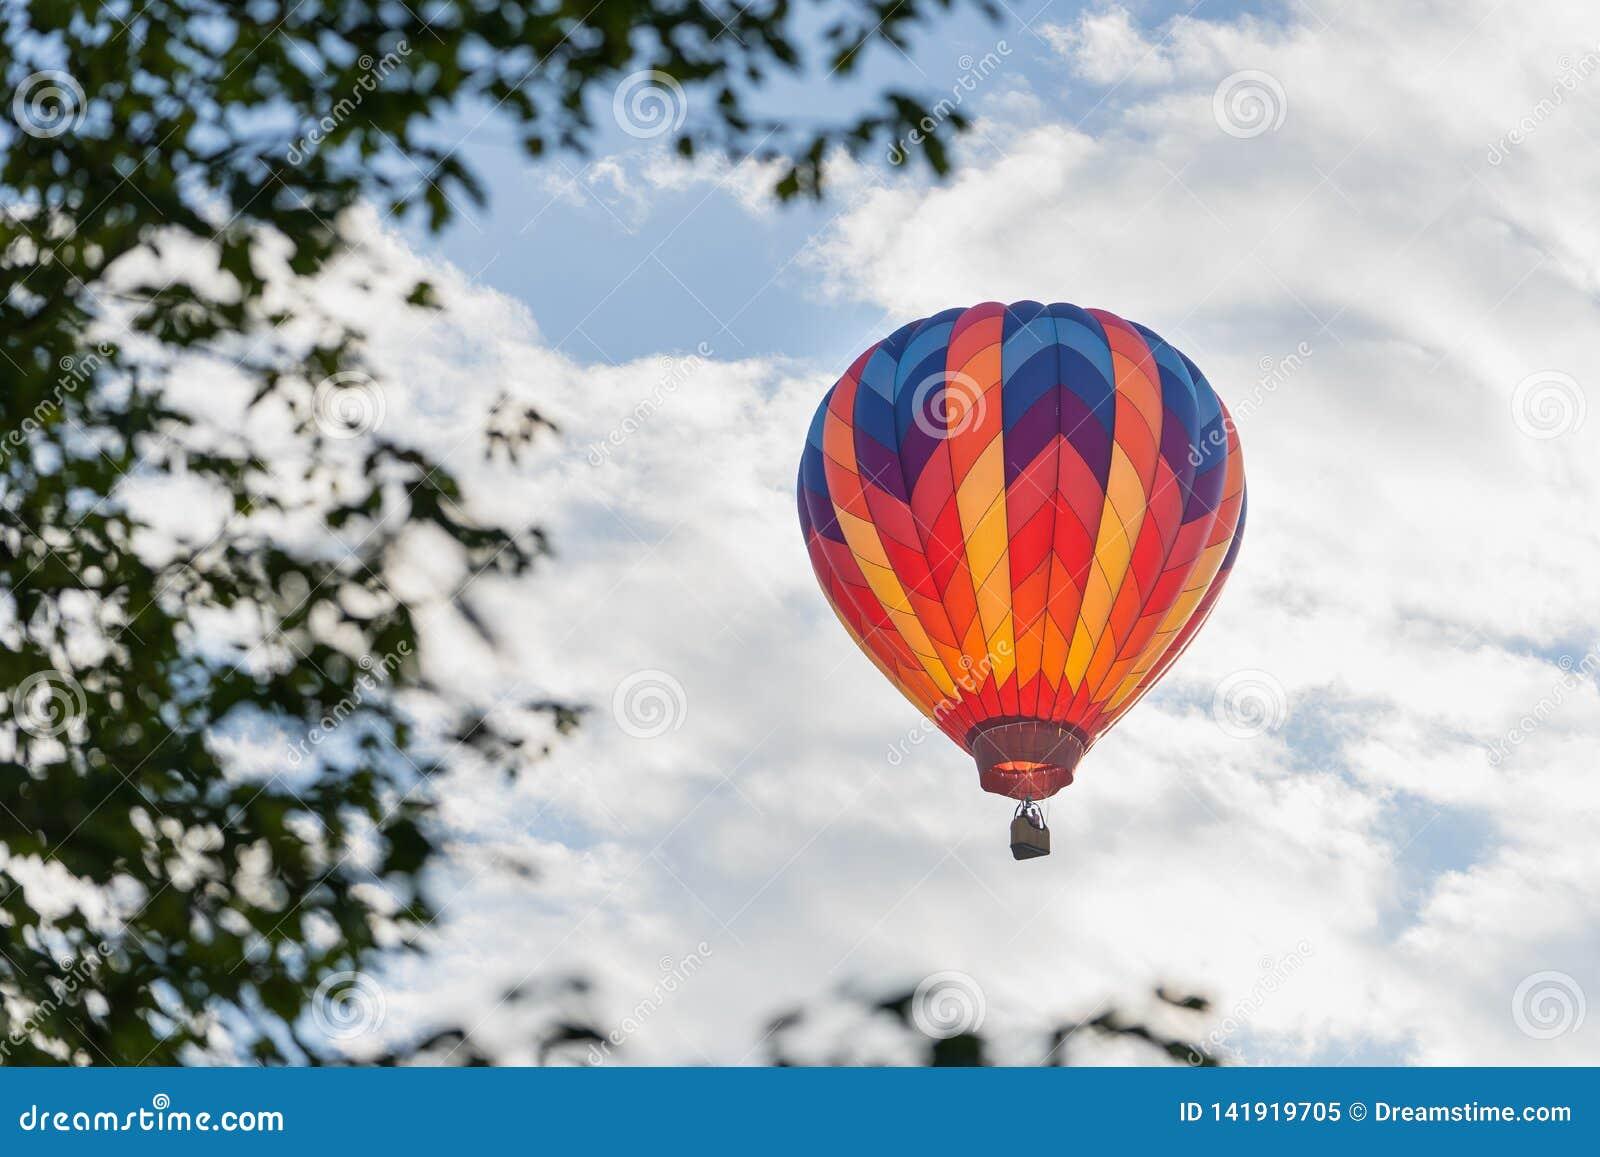 Ζωηρόχρωμο μπαλόνι ζεστού αέρα που πλαισιώνεται από τα φύλλα